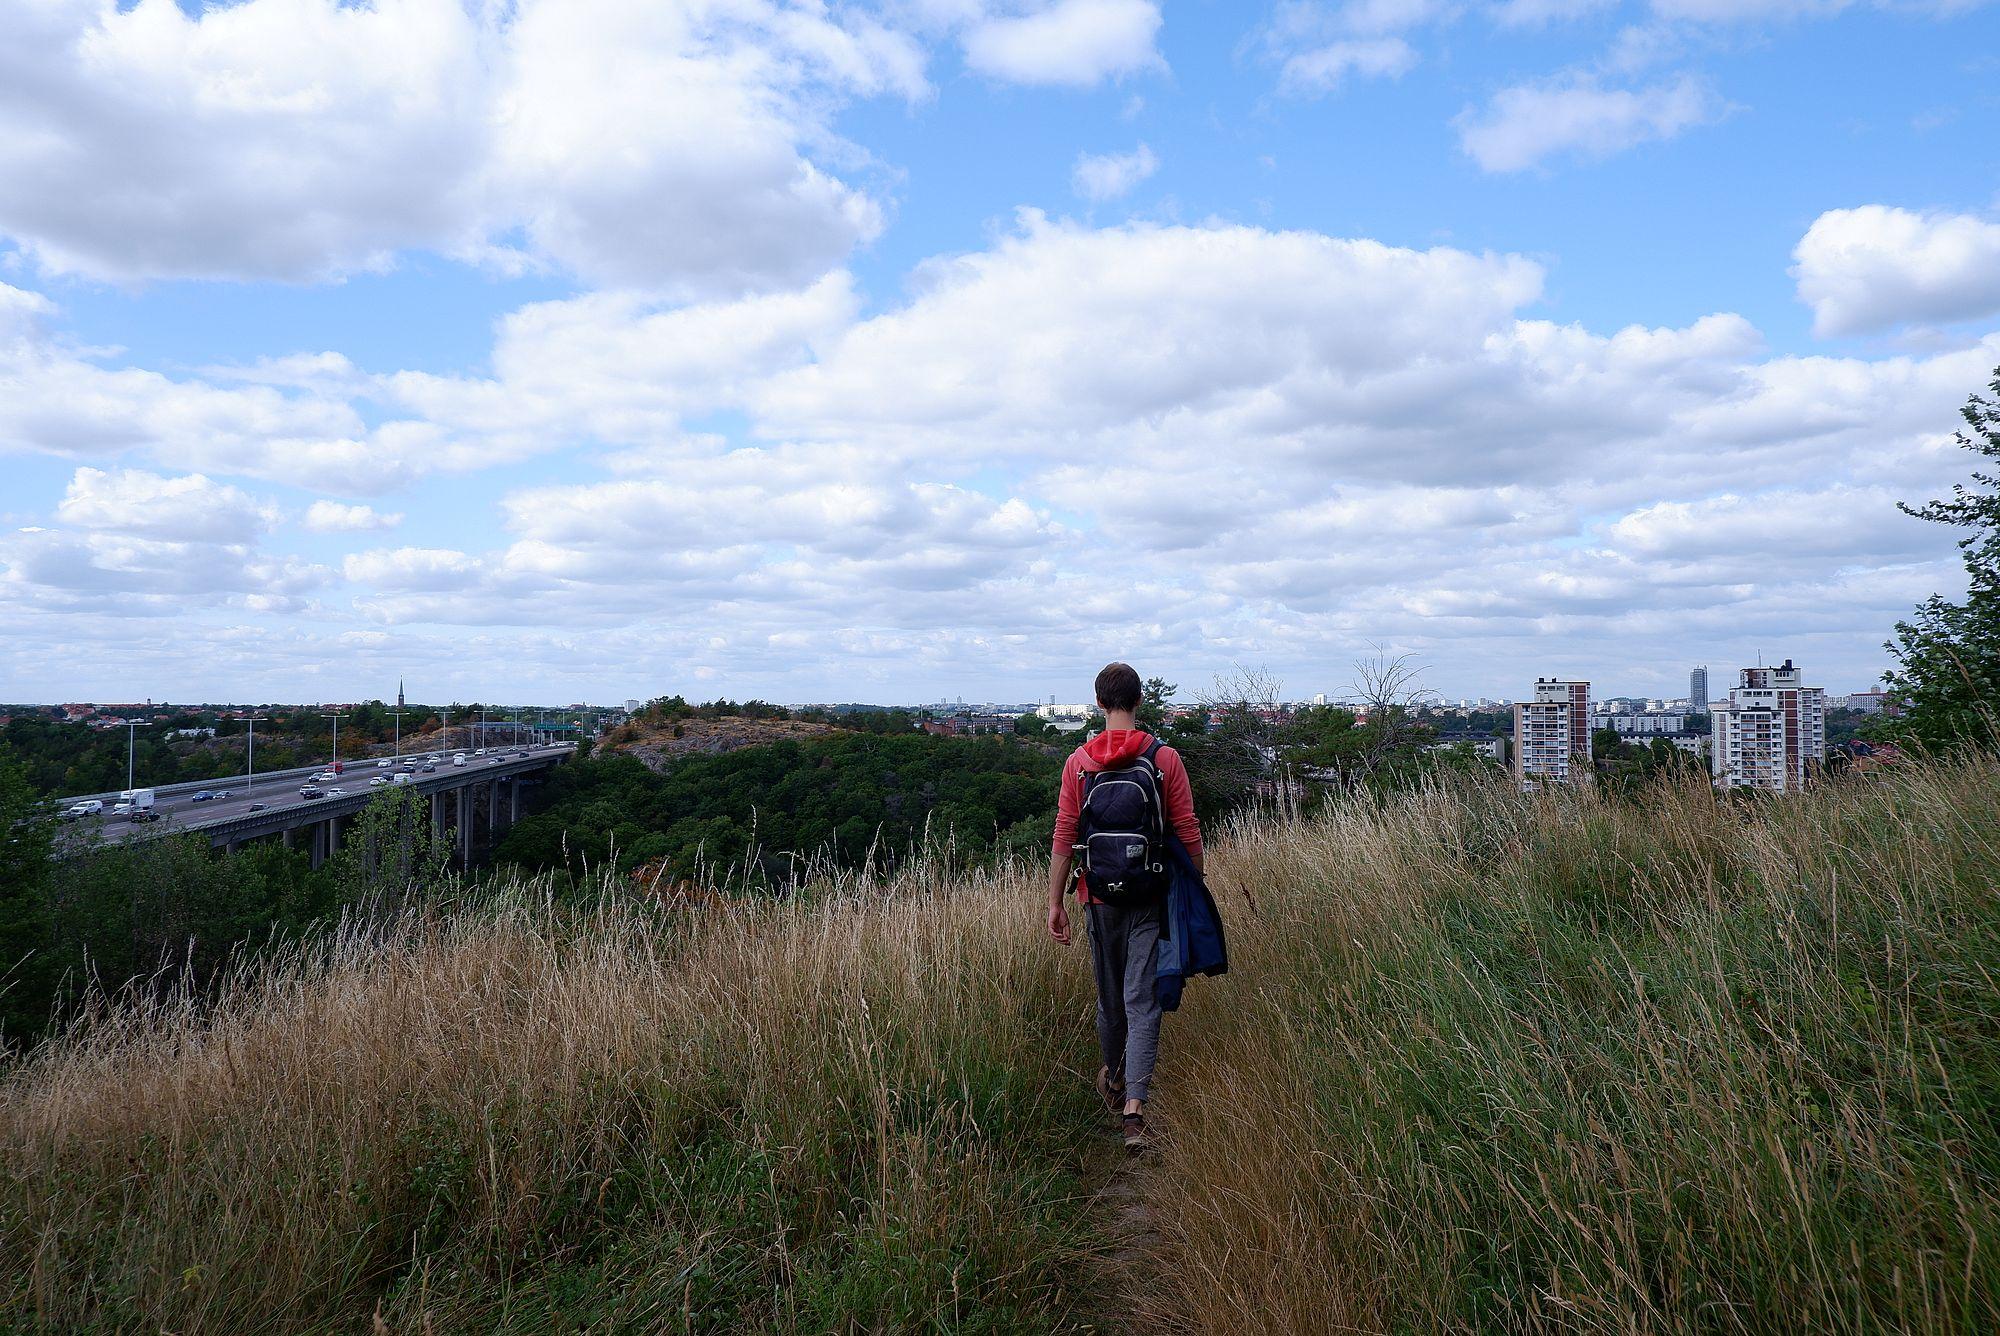 Ryan sur un chemin de hautes herbes bordé d'une autoroute.